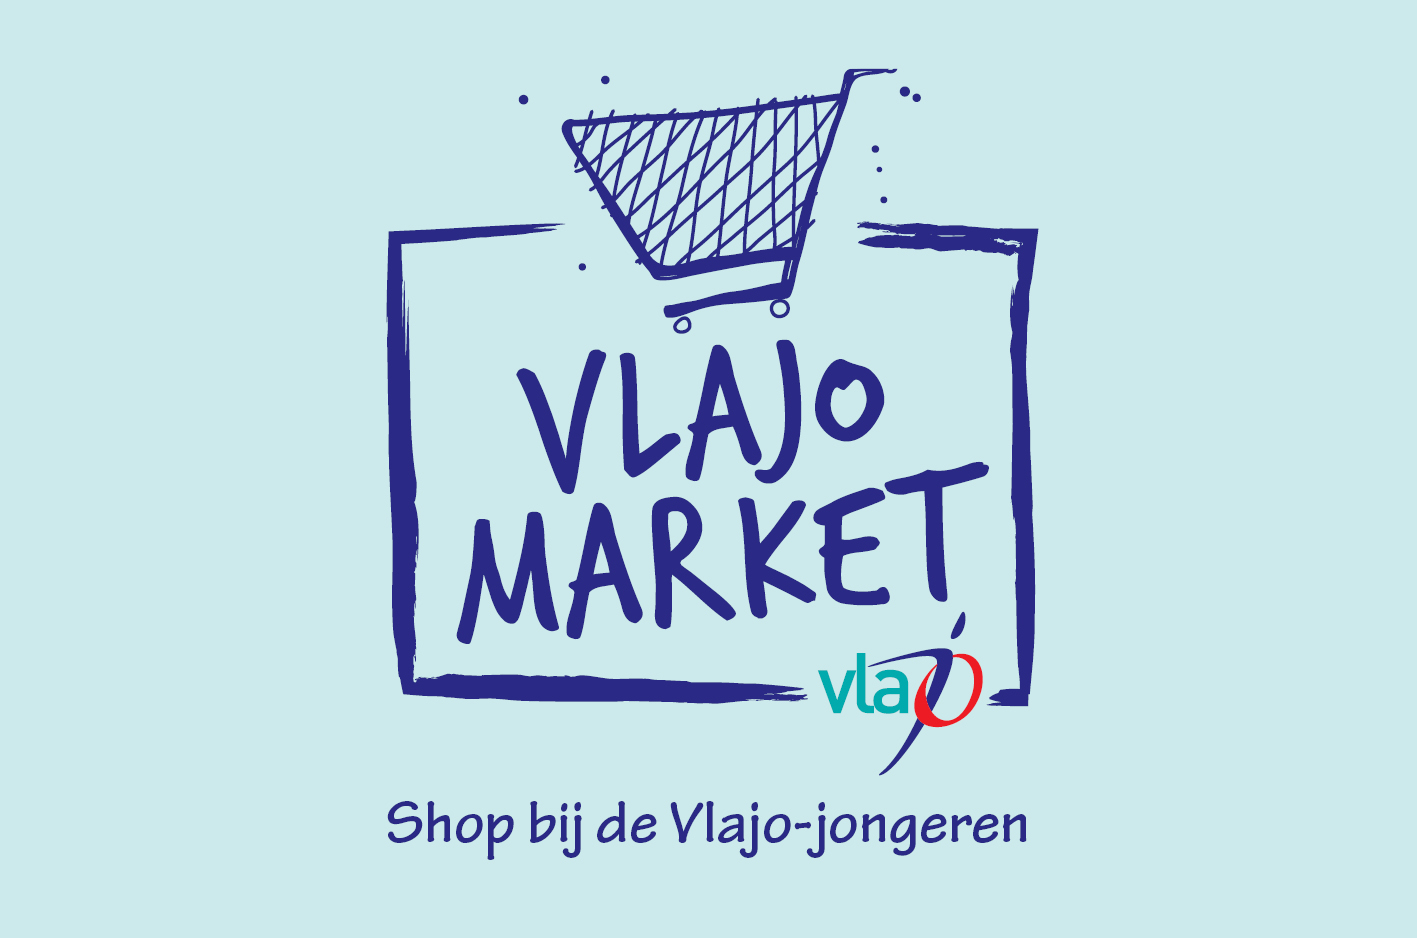 Shop bij de jongeren in heel Vlaanderen